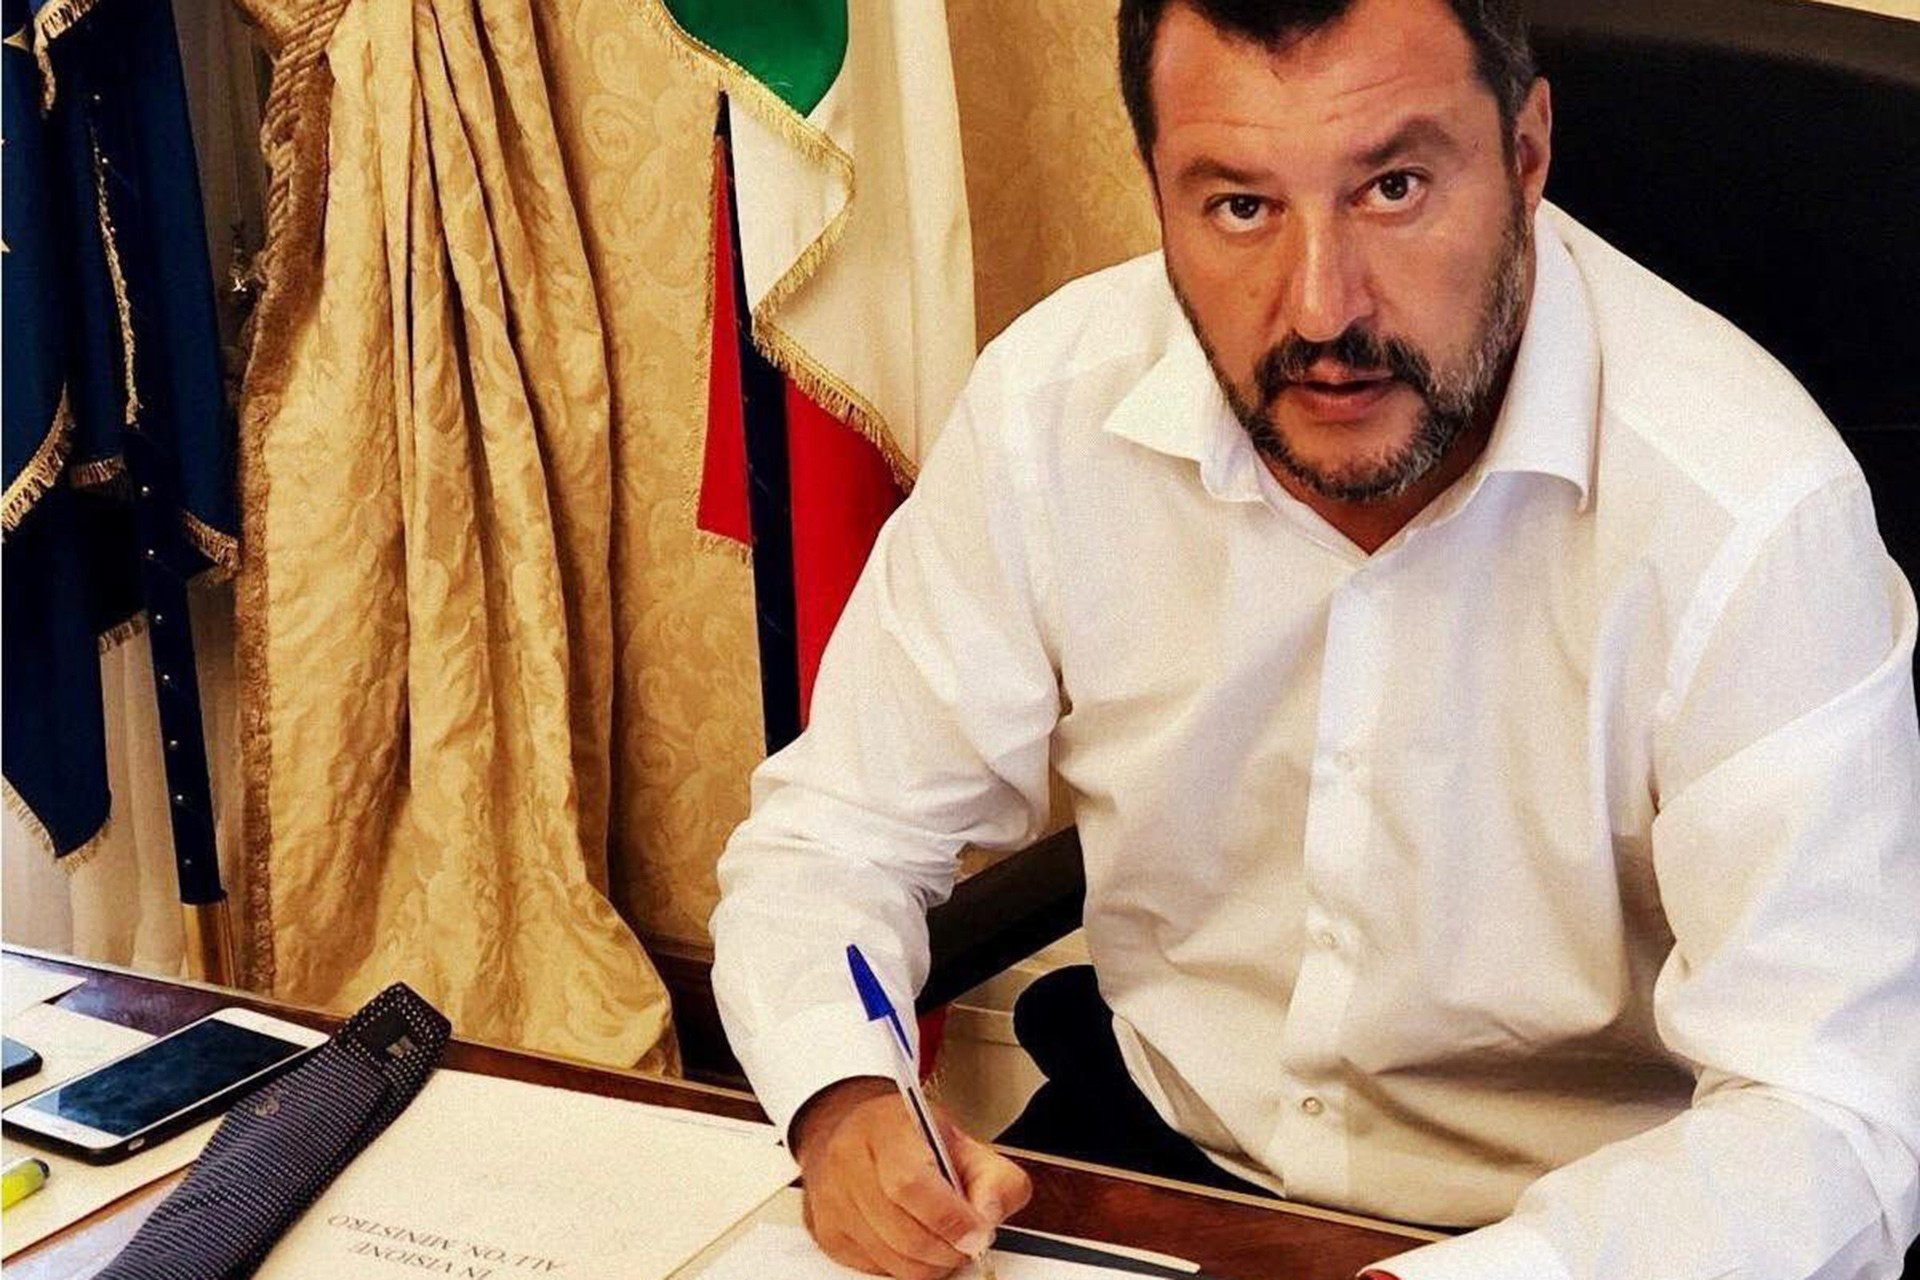 İtalya'daki popülist hükümetin krizine dair: Salvini tüm iktidarı istiyor